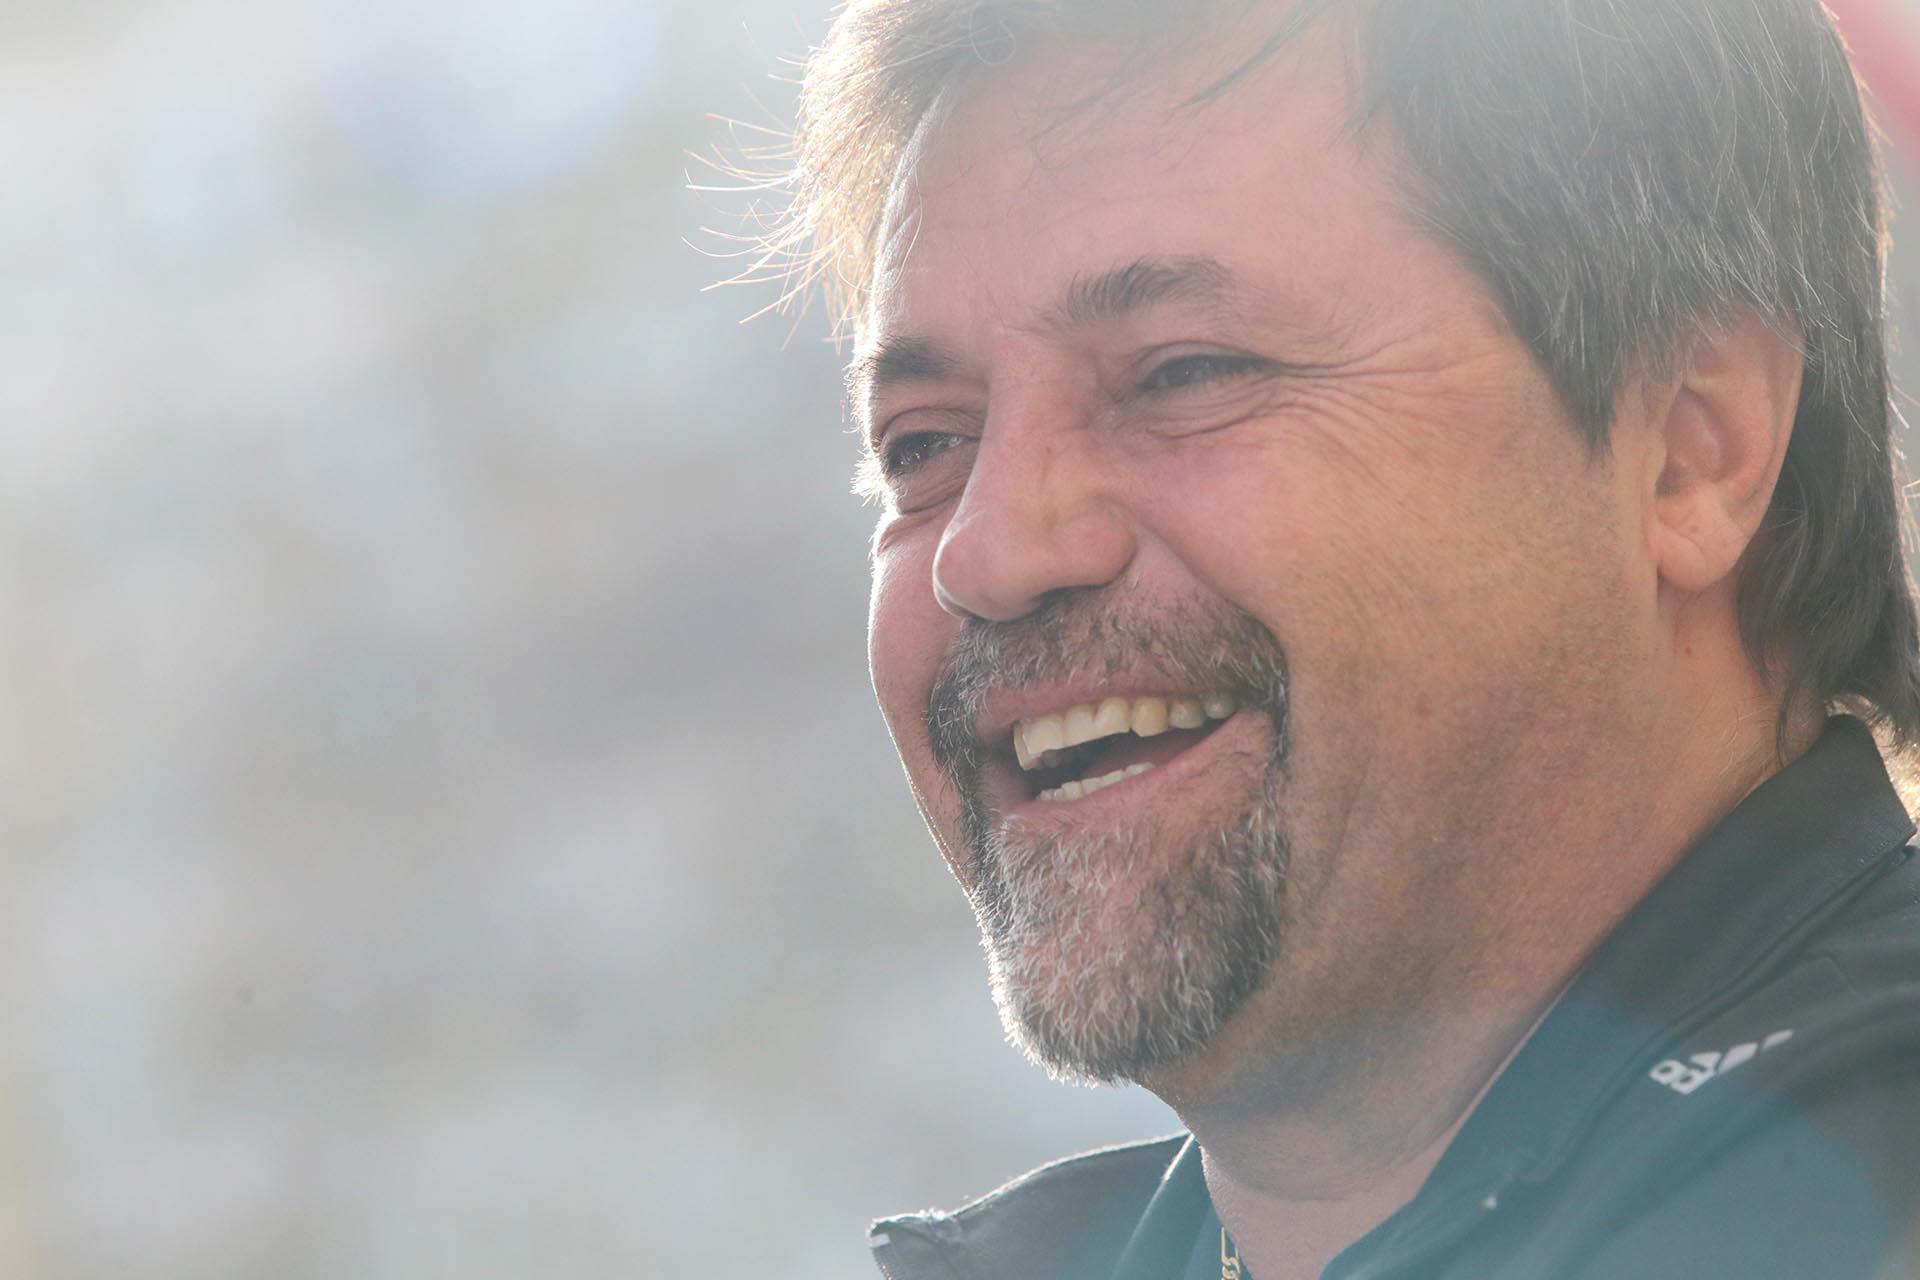 Caruso Lombardi no dirige desde 2017, cuando renunció en diciembre en Tigre(Facundo Pechervsky)